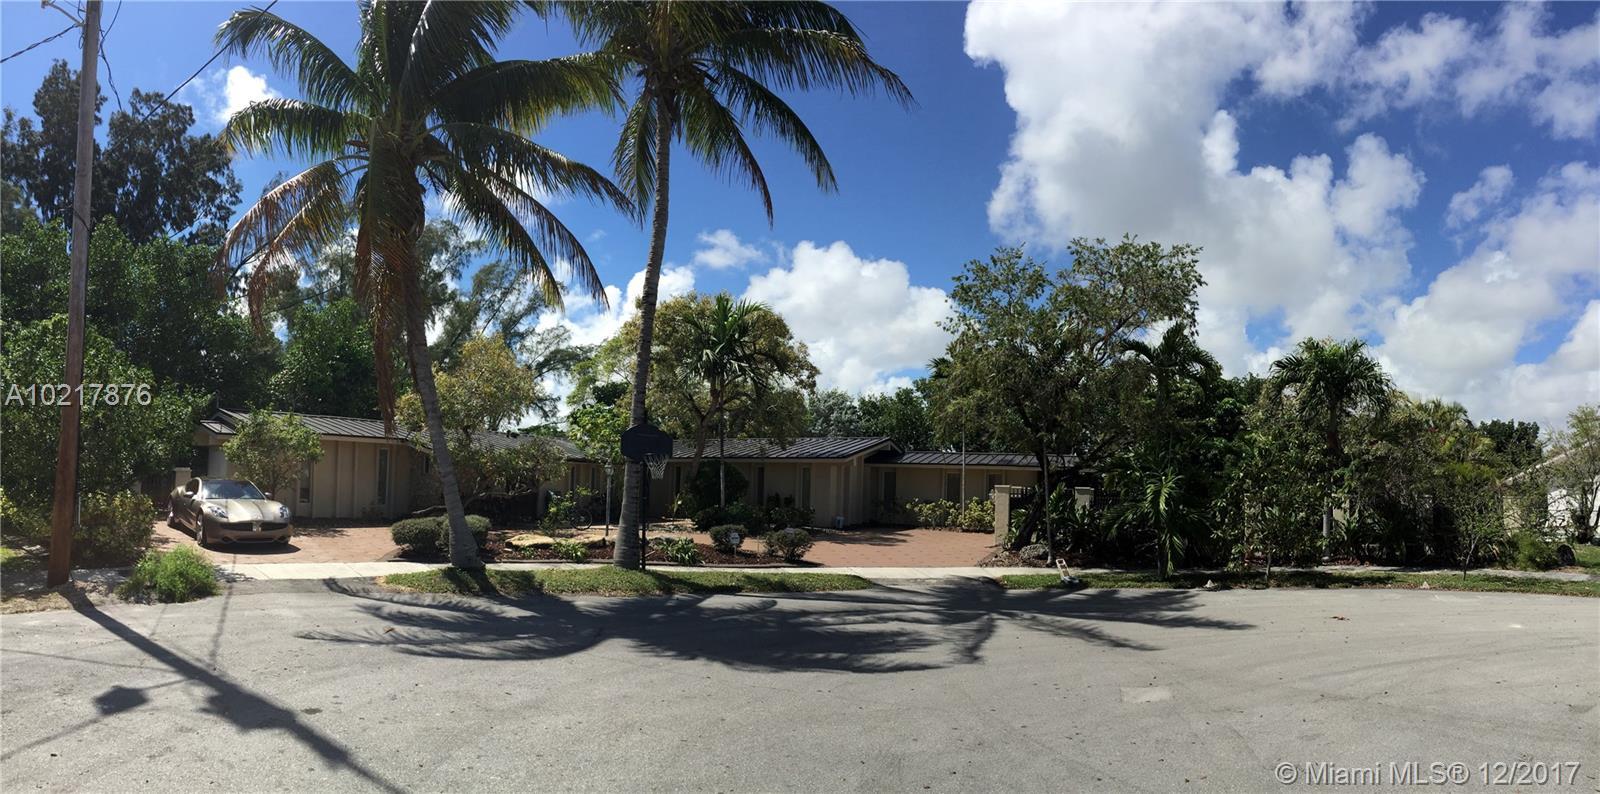 19860 Ne 24th Ct, Miami FL, 33180